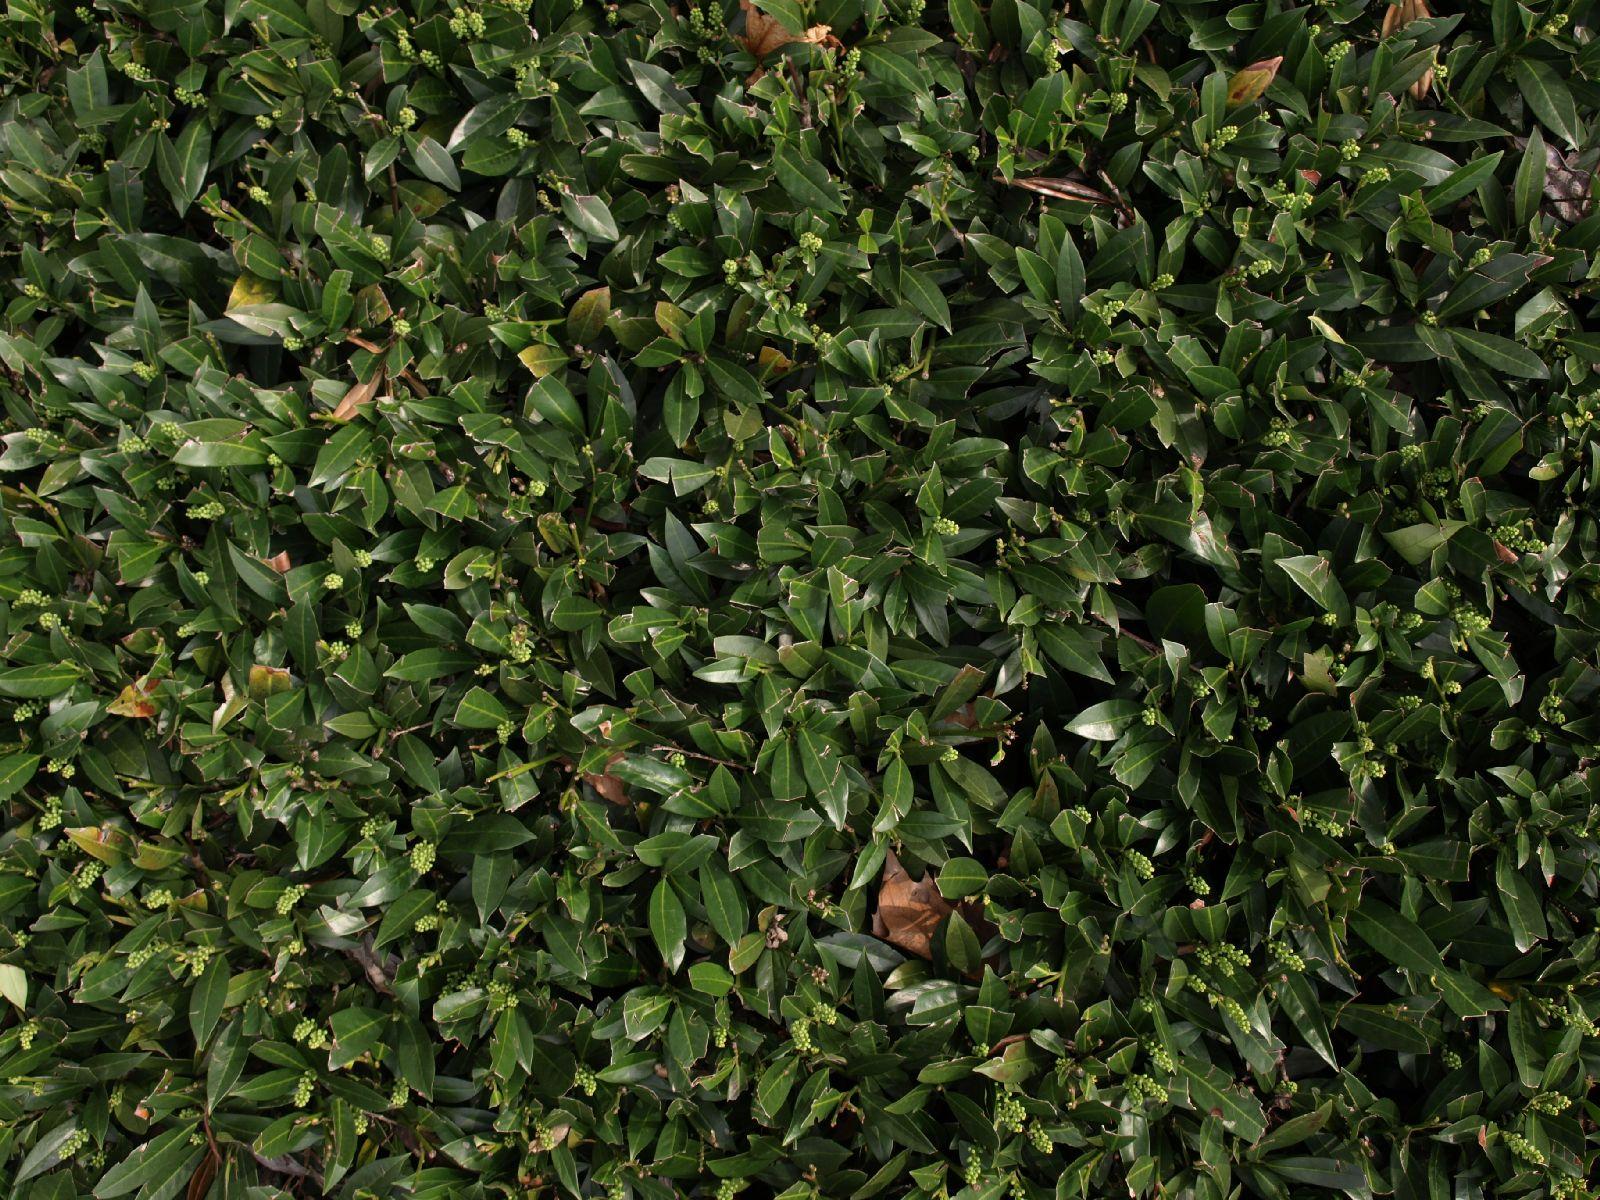 Pflanzen-Hecken-Foto_Textur_B_P4041495